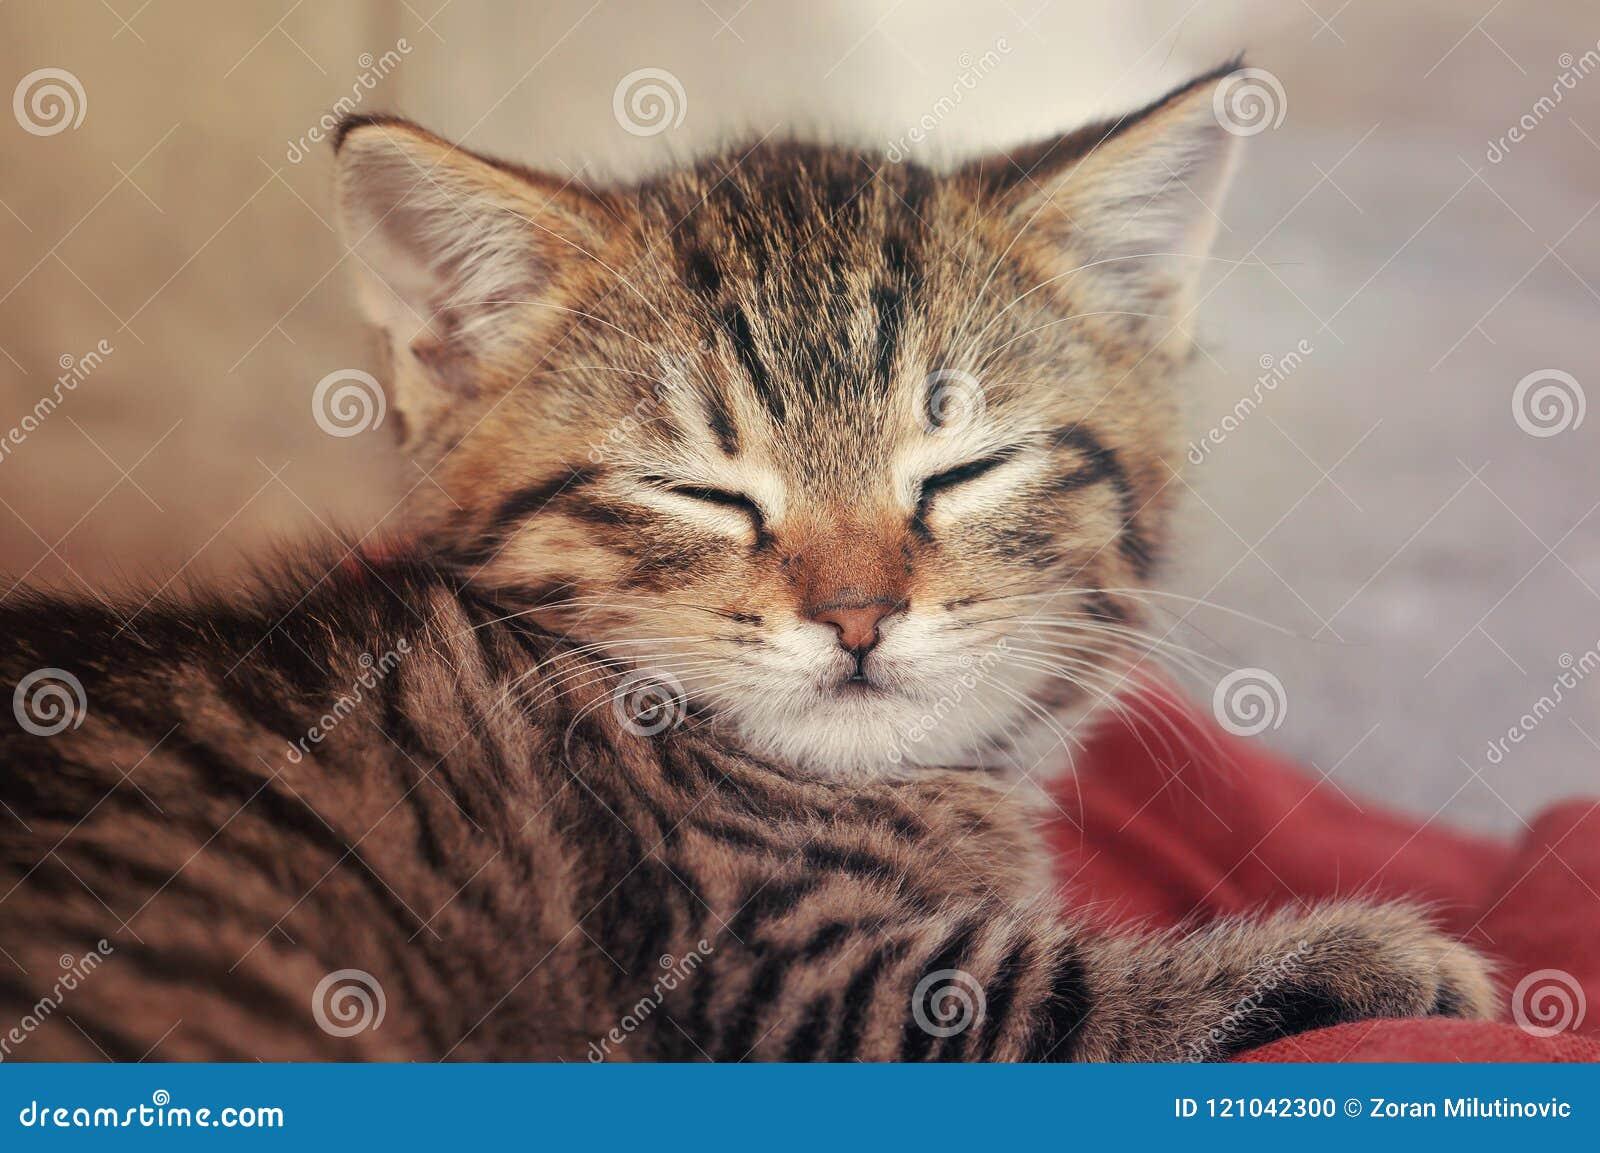 Avverka för strimmig kattkattunge som är sömnigt